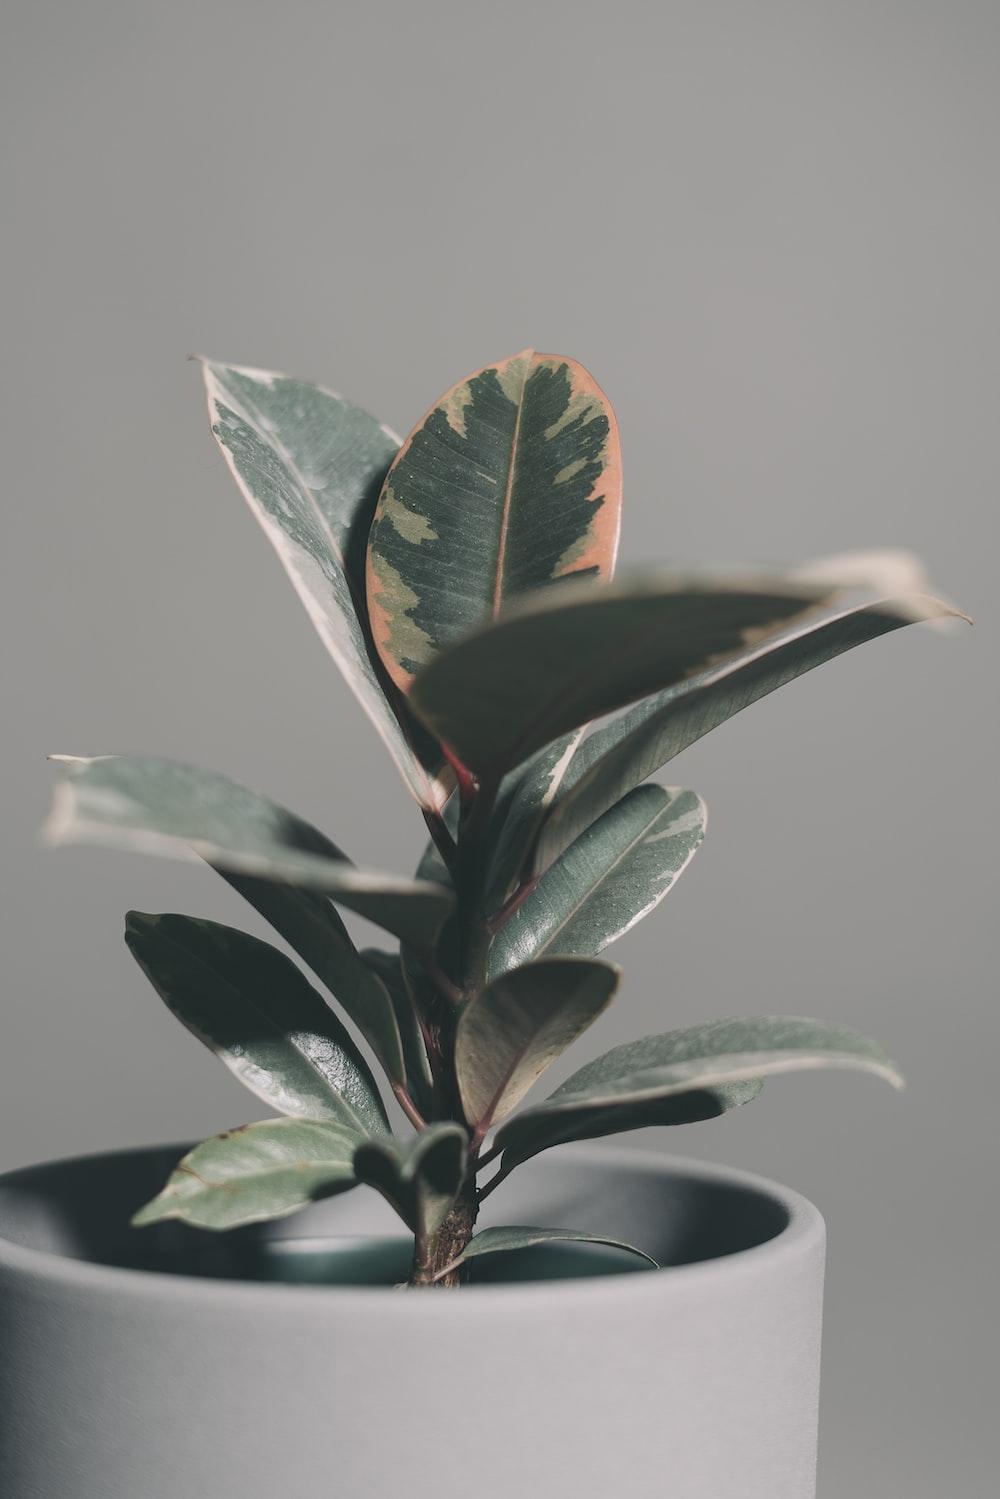 green plant in black pot